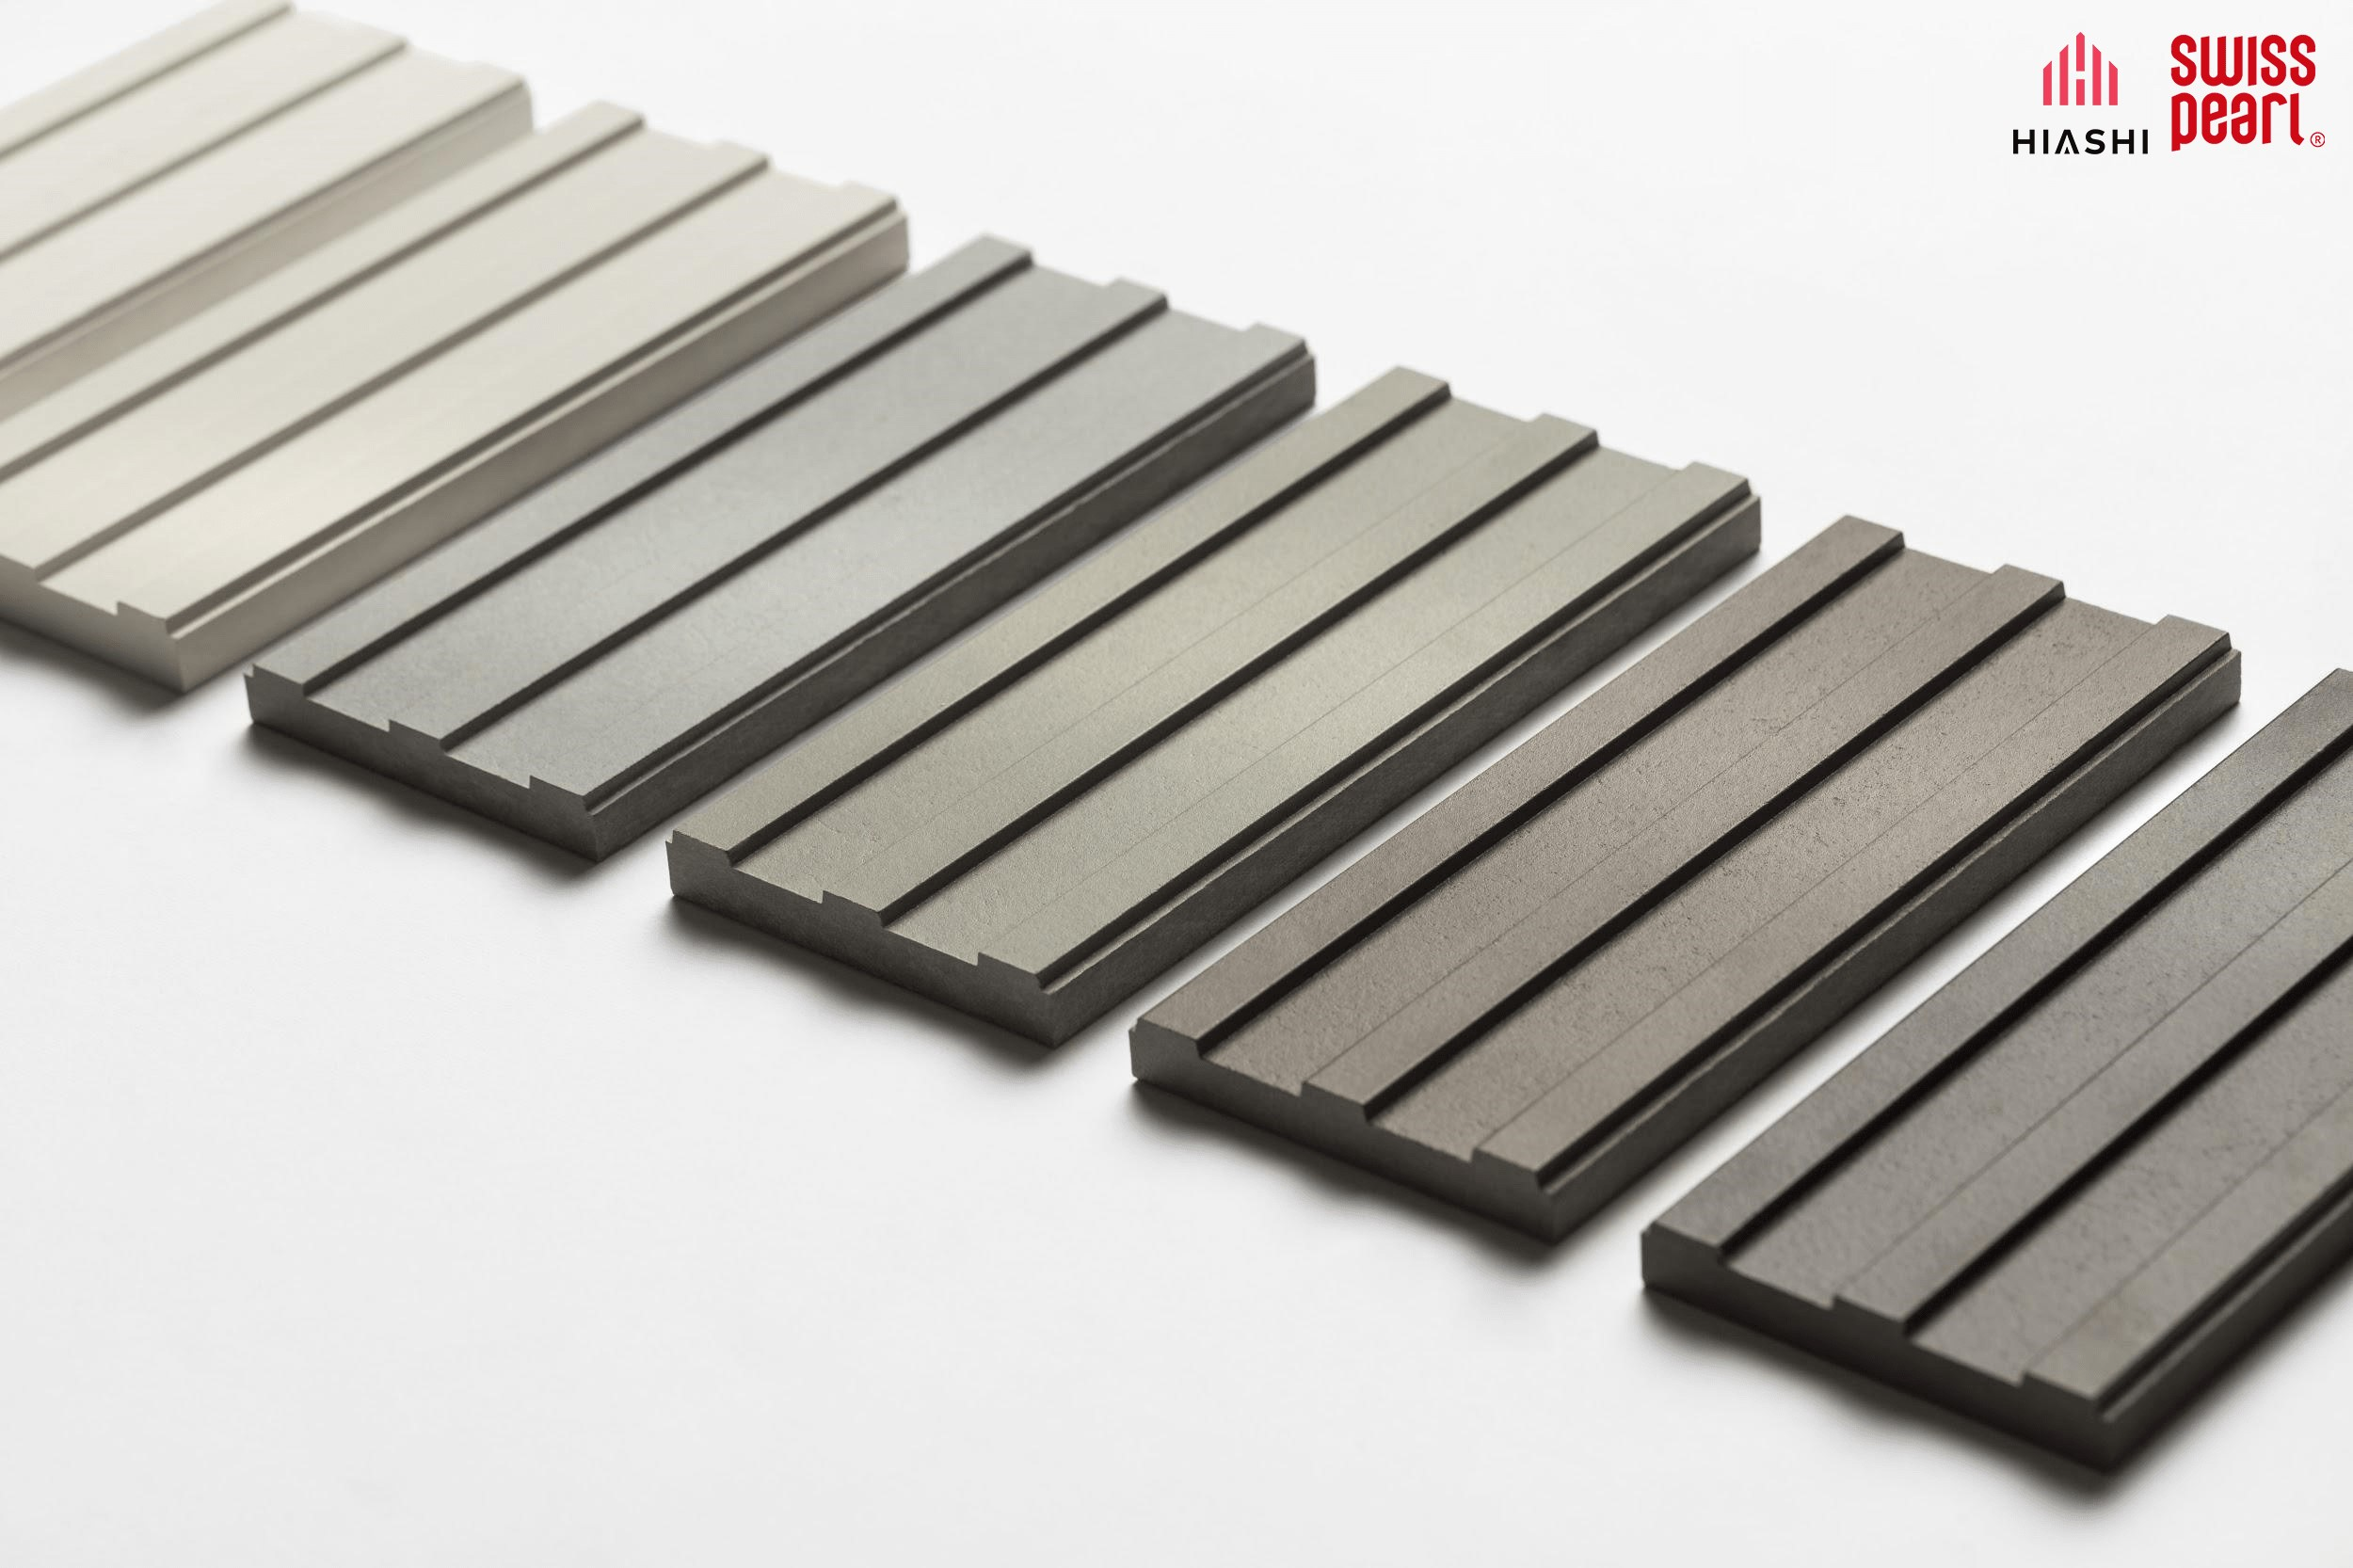 Dòng sản phẩm Swisspearl Gravial rãnh 3D ấn tượng.